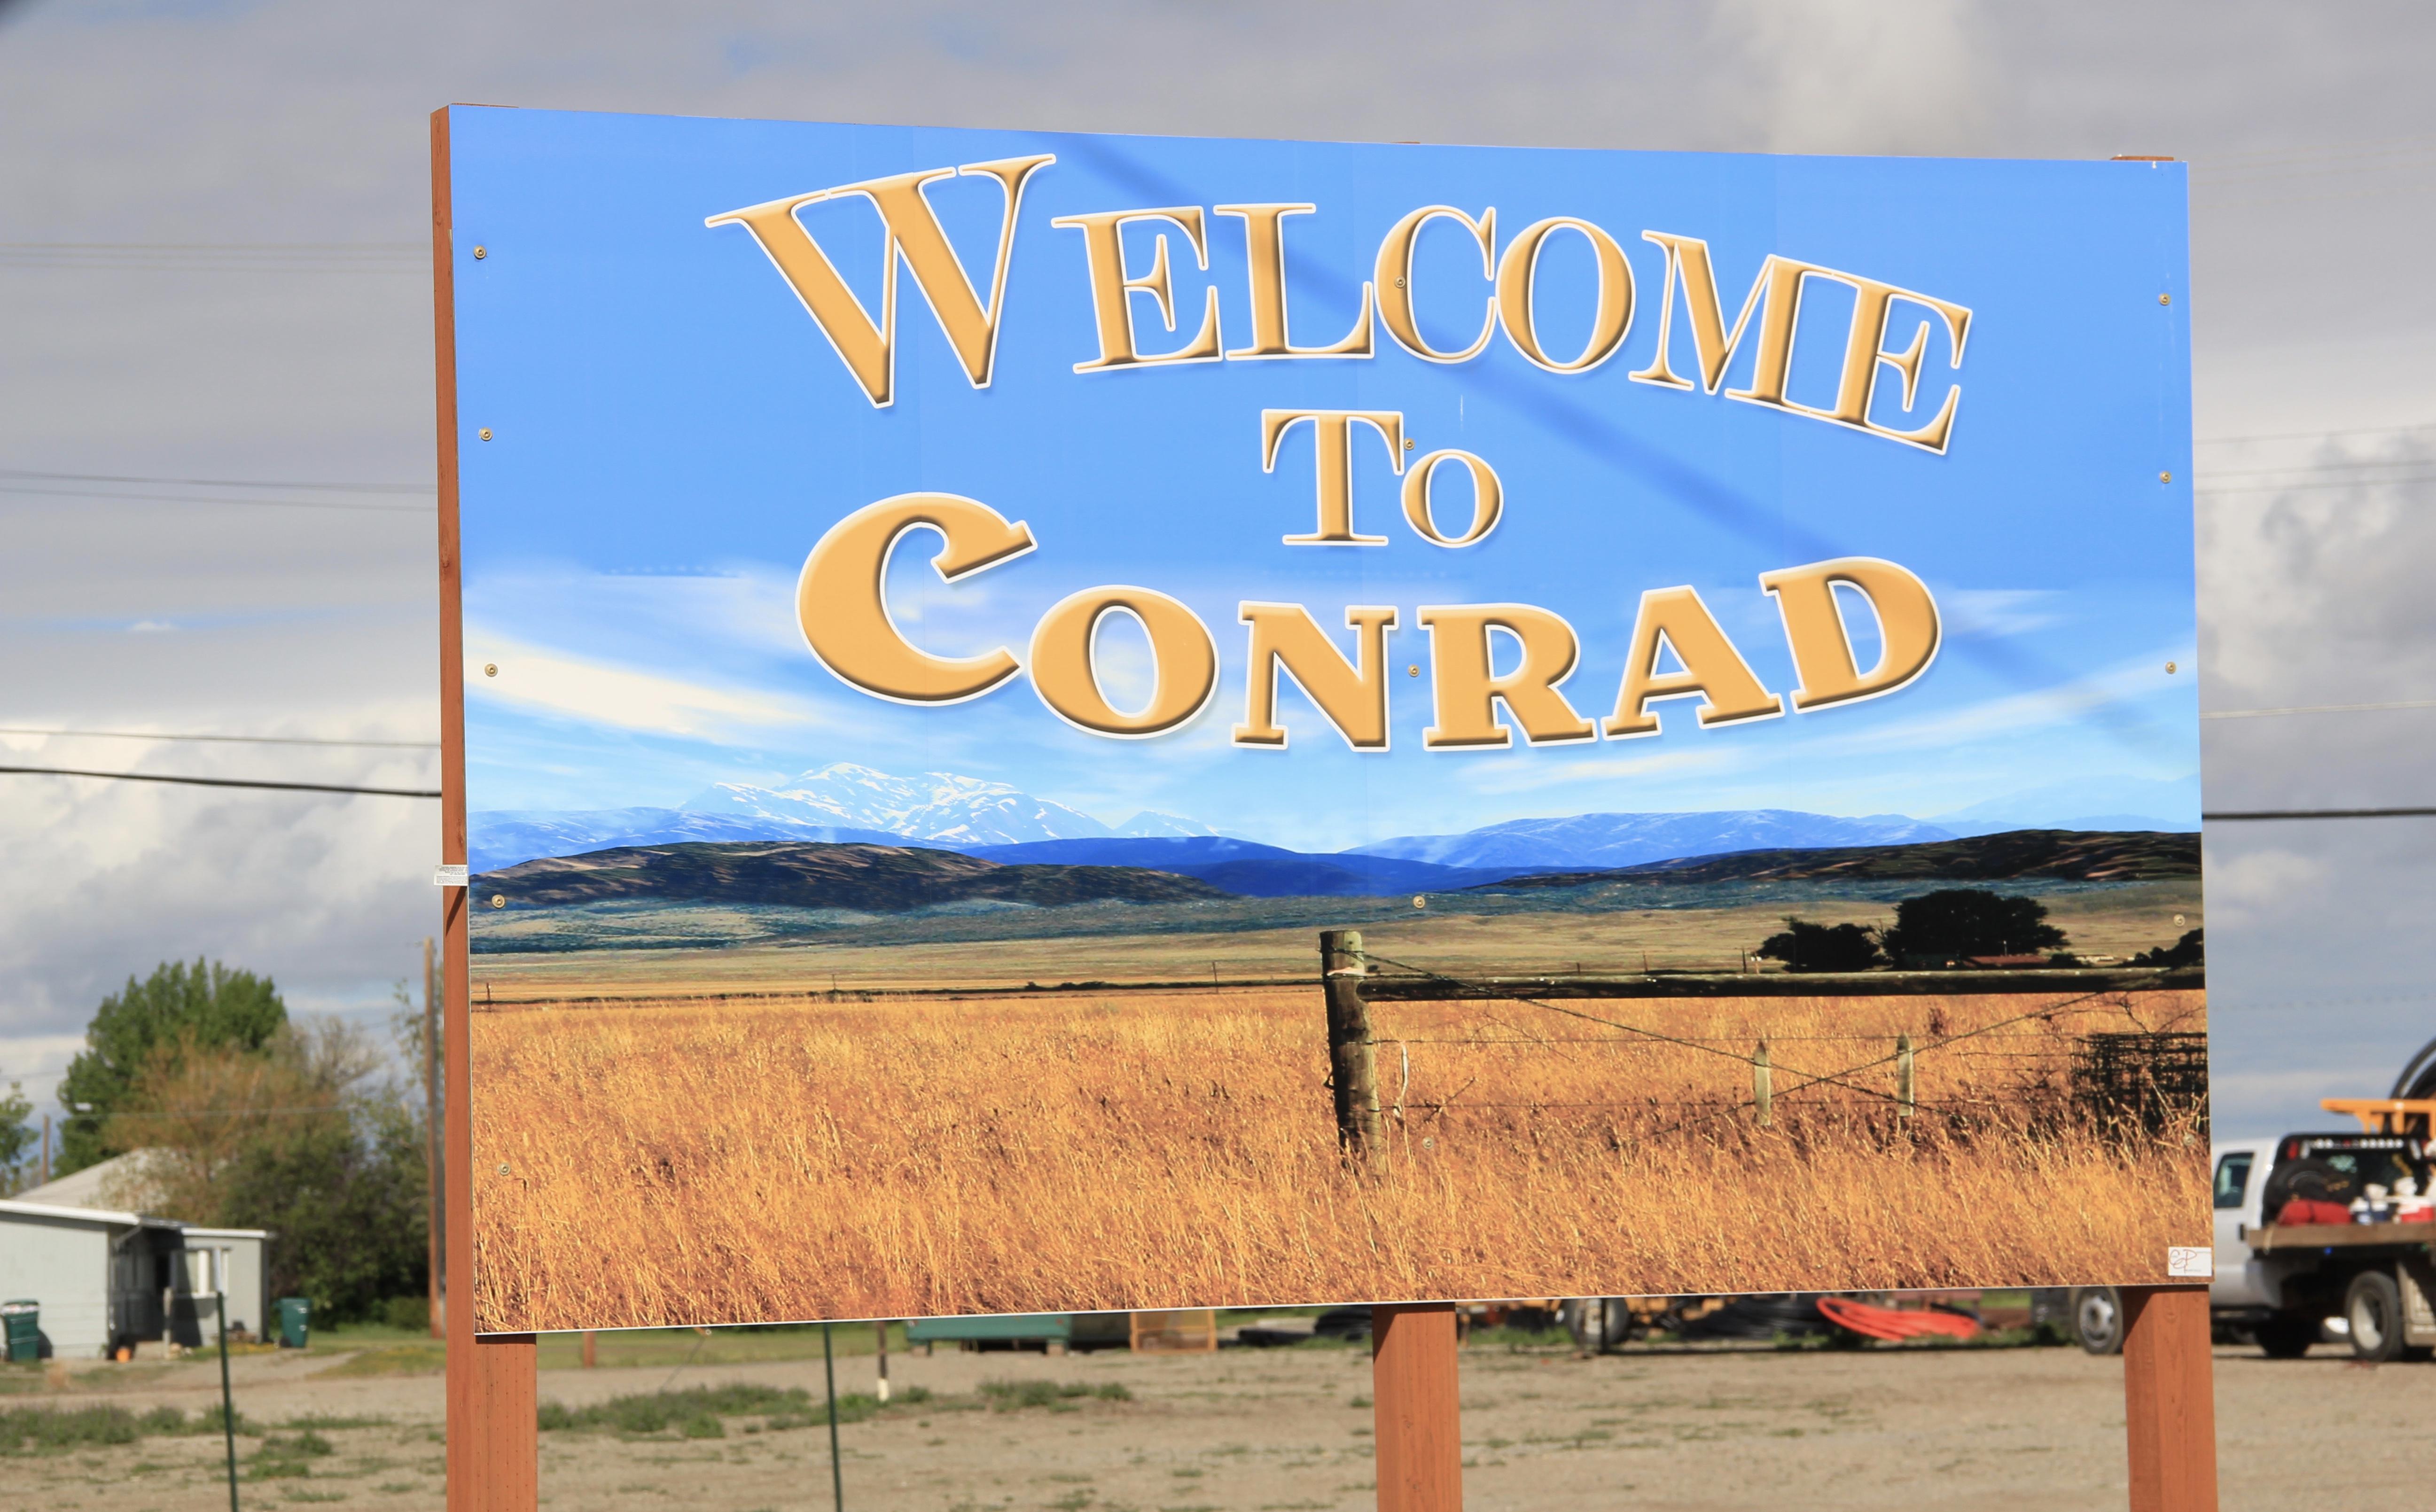 Pondera Co Conrad sign